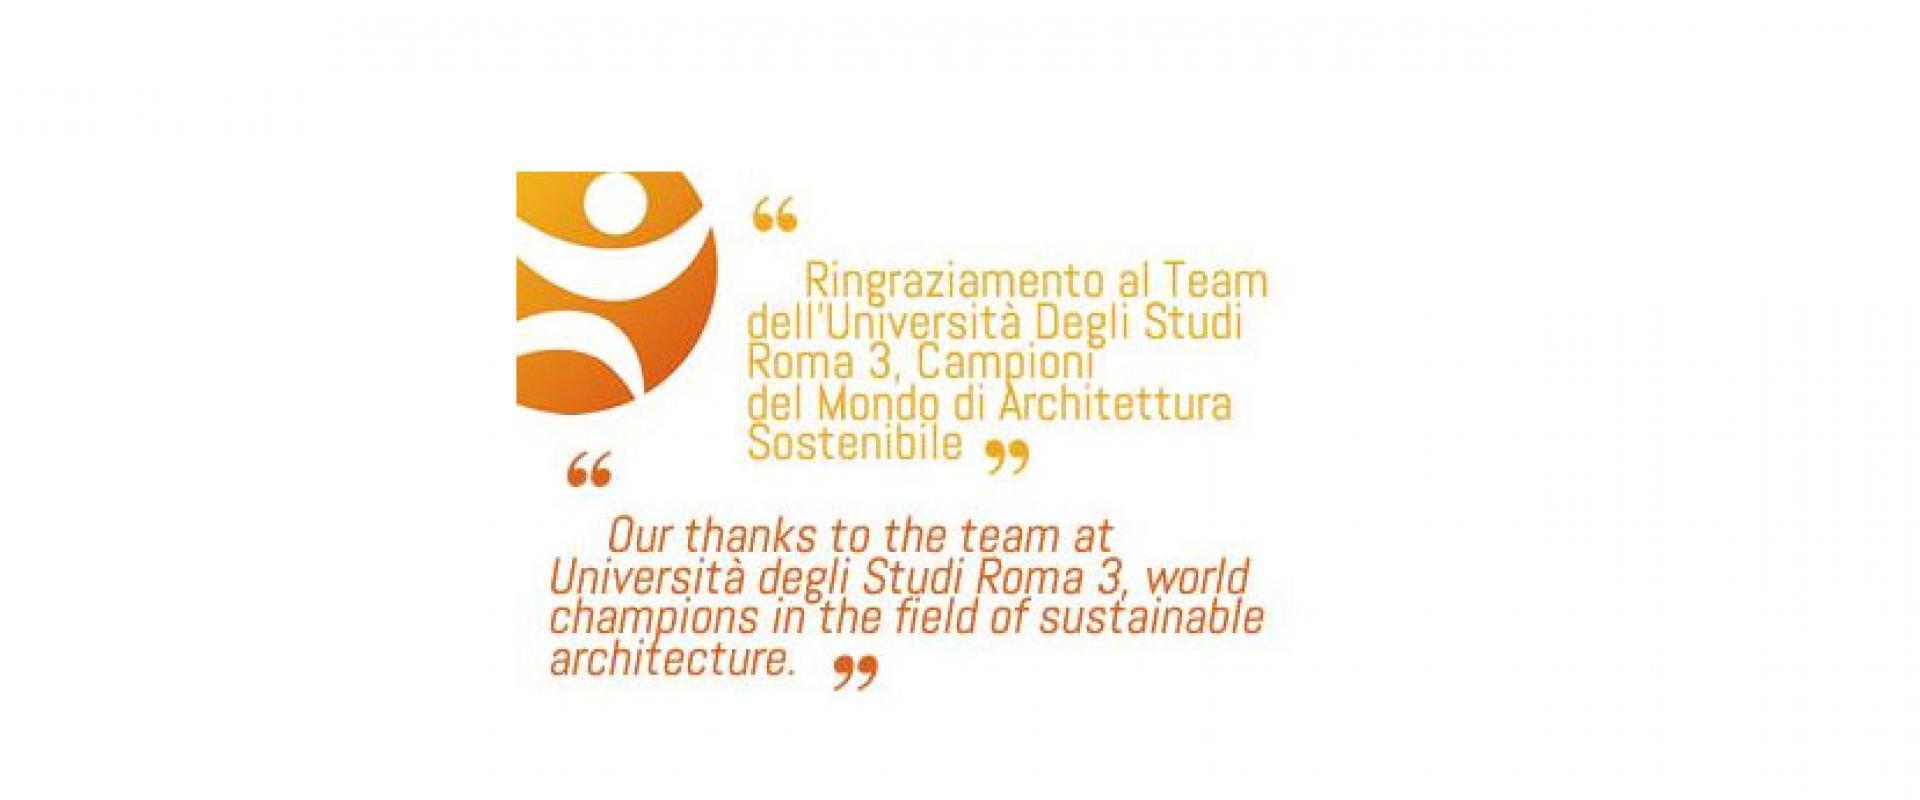 Ringraziamento al team dell 39 universit degli studi roma 3 for Studi di architettura roma